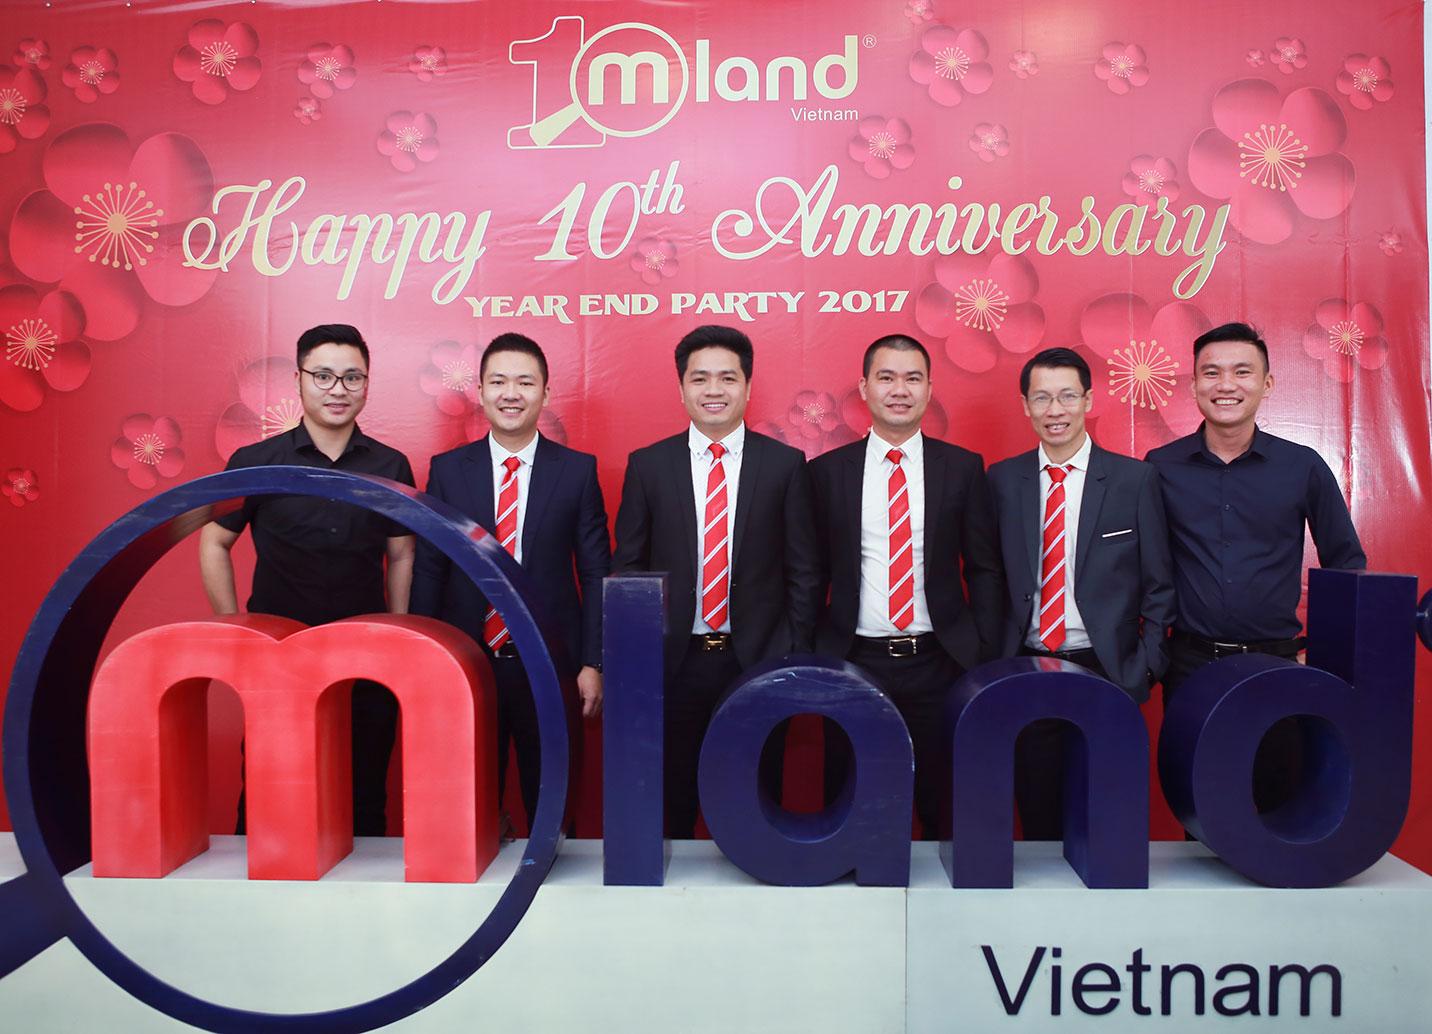 Ki niệm 10 năm thành lập MLAND Vietnam